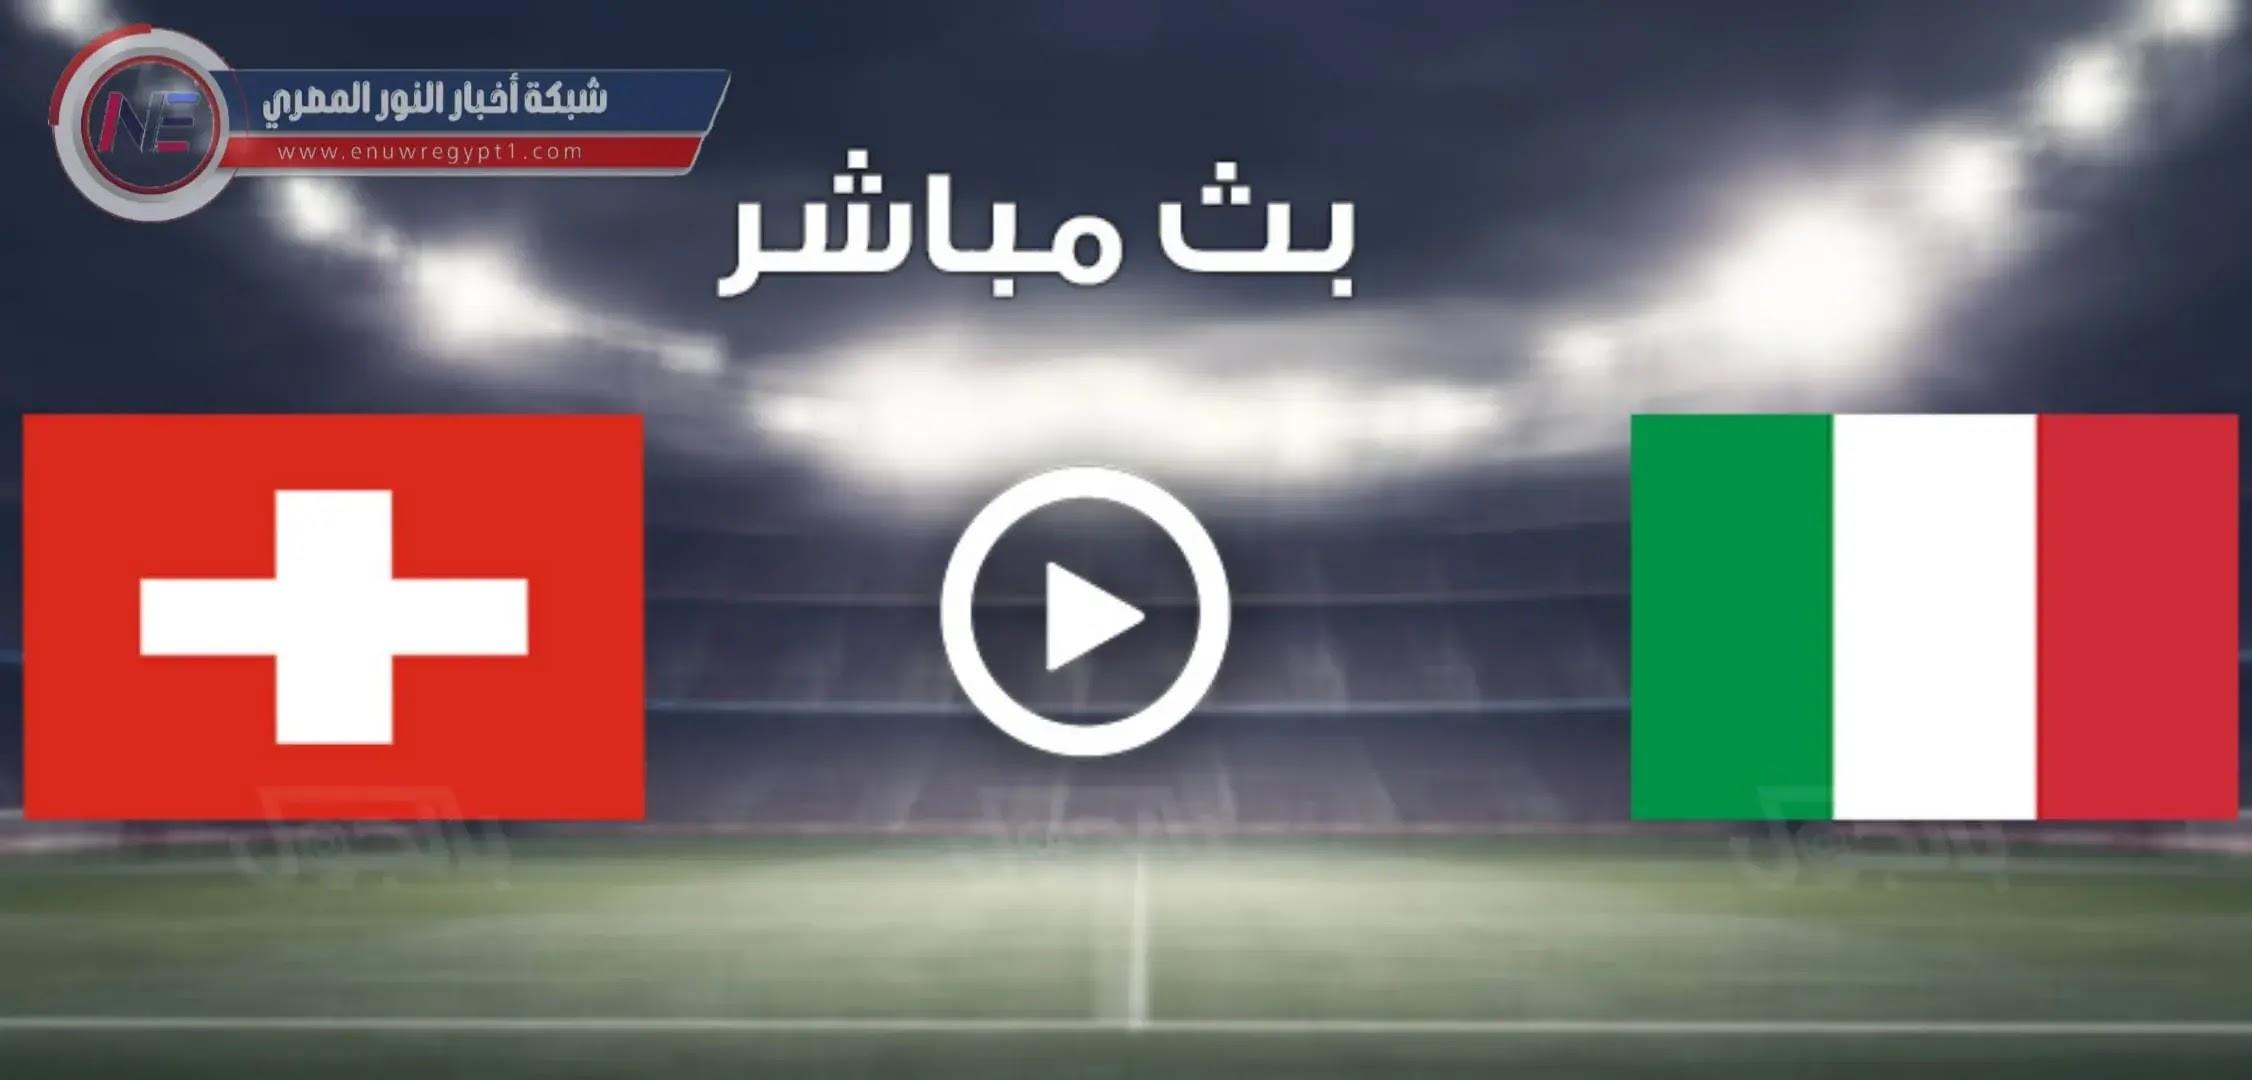 بث مباشر يلا شوت يوتيوب .. مشاهدة مباراة ايطاليا و سويسرا بث مباشر اليوم 05-01-2021 لايف في تصفيات كأس العالم